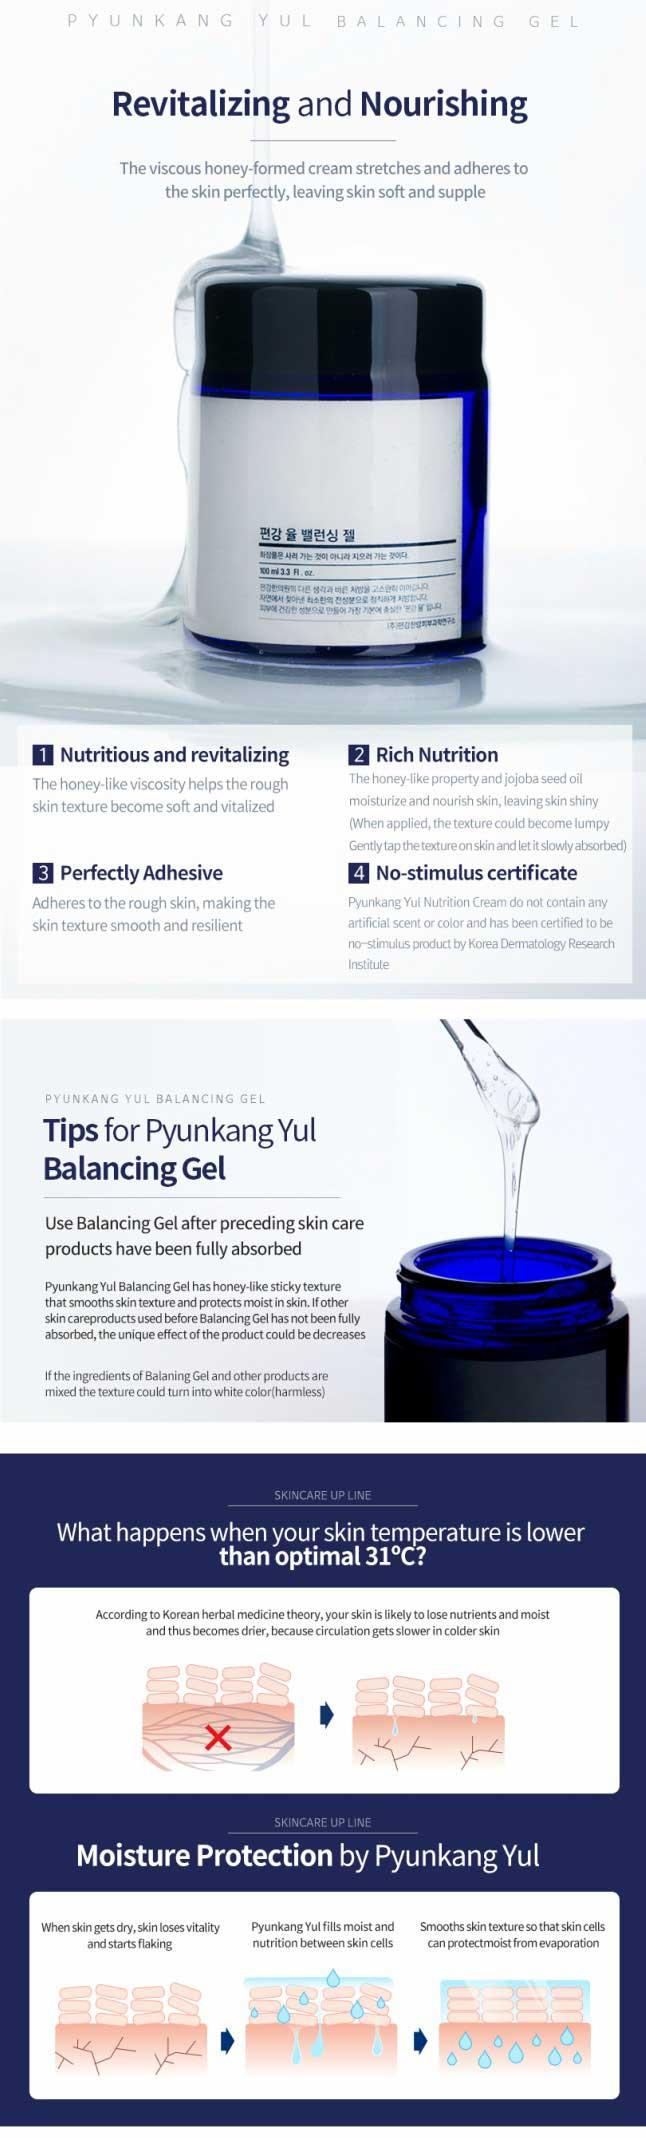 pyunkang-yul-balancing-gel-4